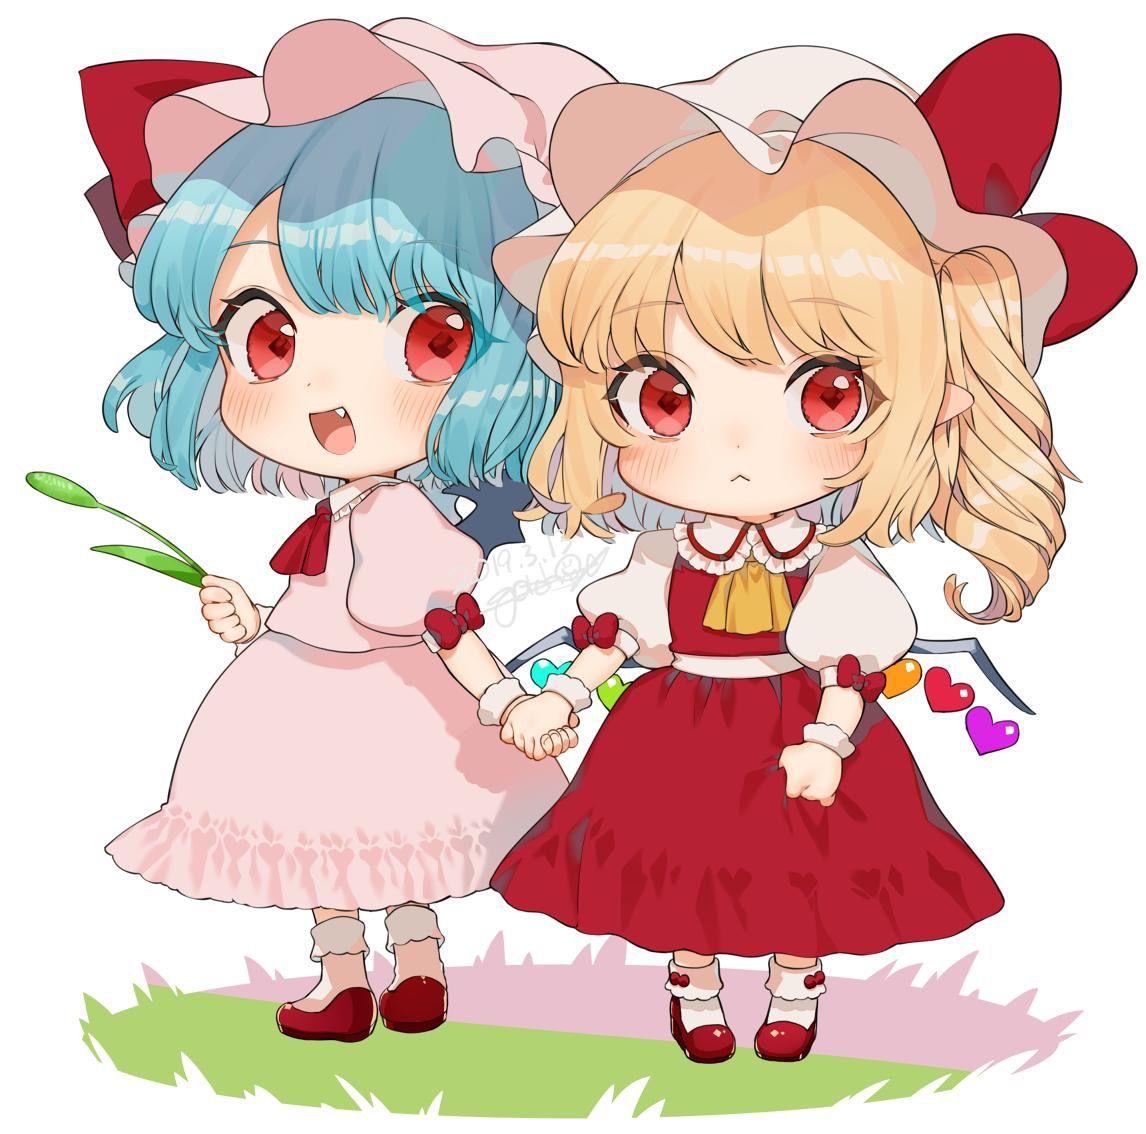 anime roo おしゃれまとめの人気アイデア pinterest aℓisafyayeya アリサフレユア イラスト 東方プロジェクト 絵